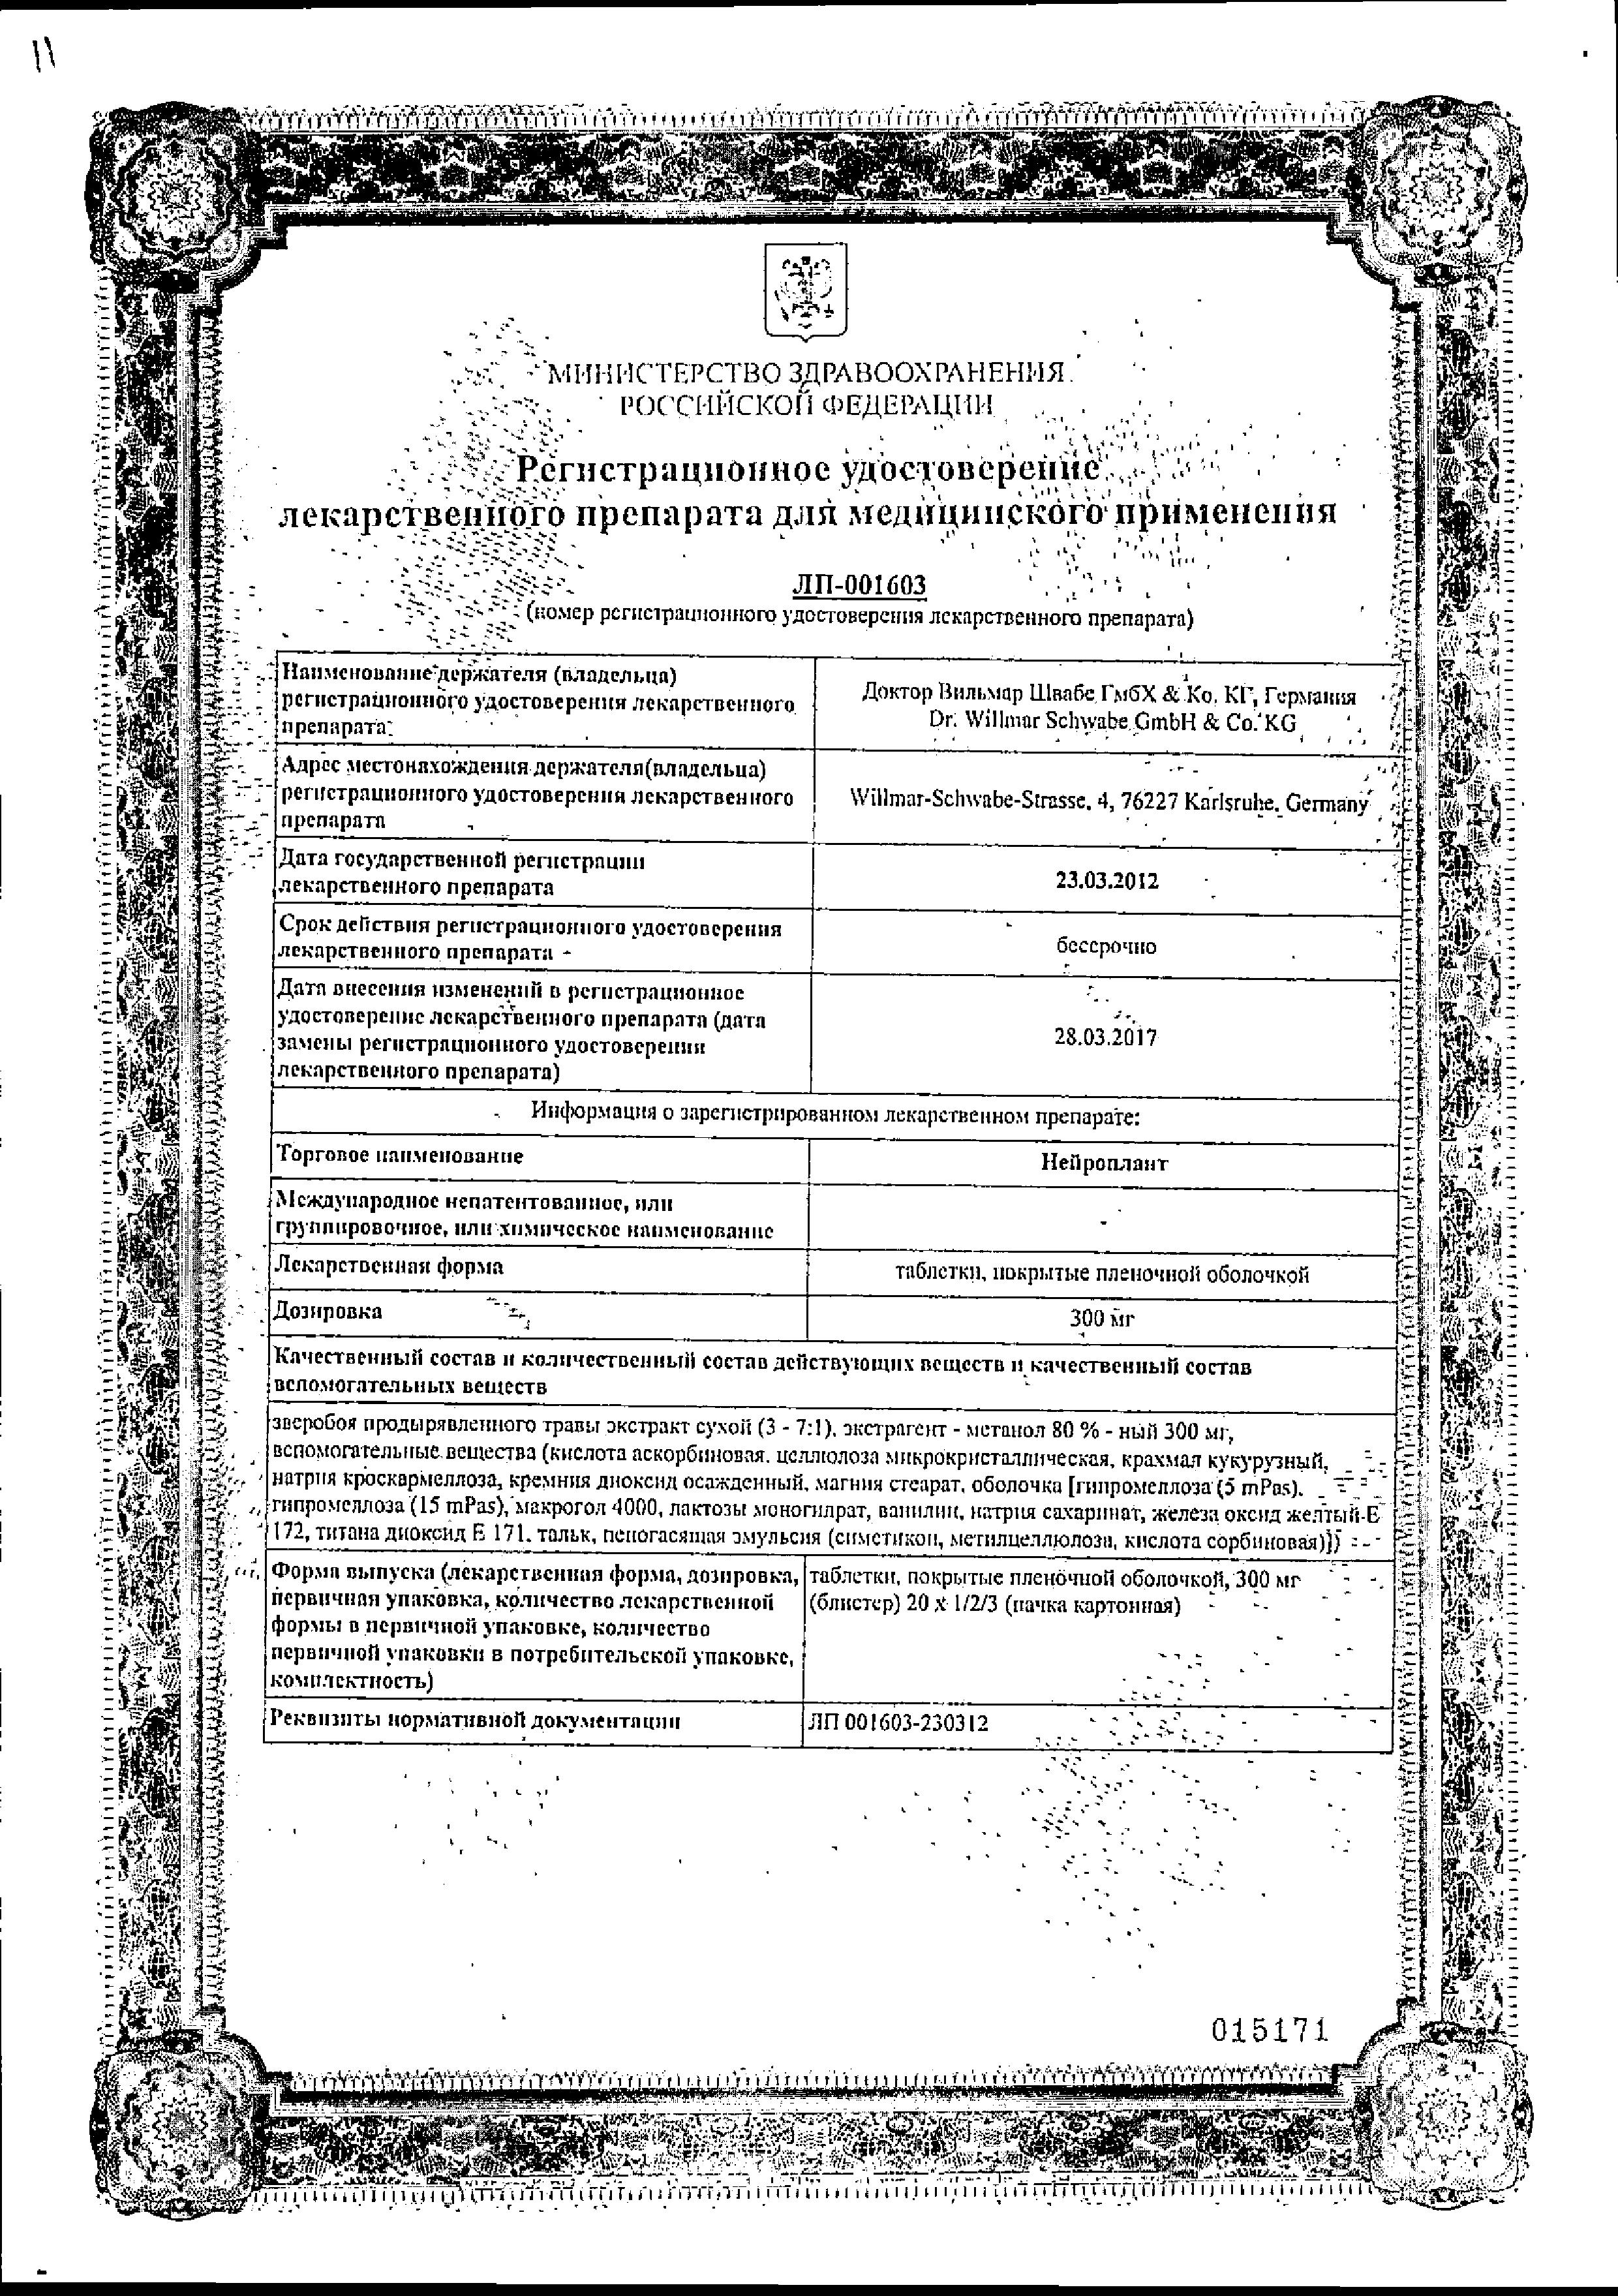 Нейроплант сертификат